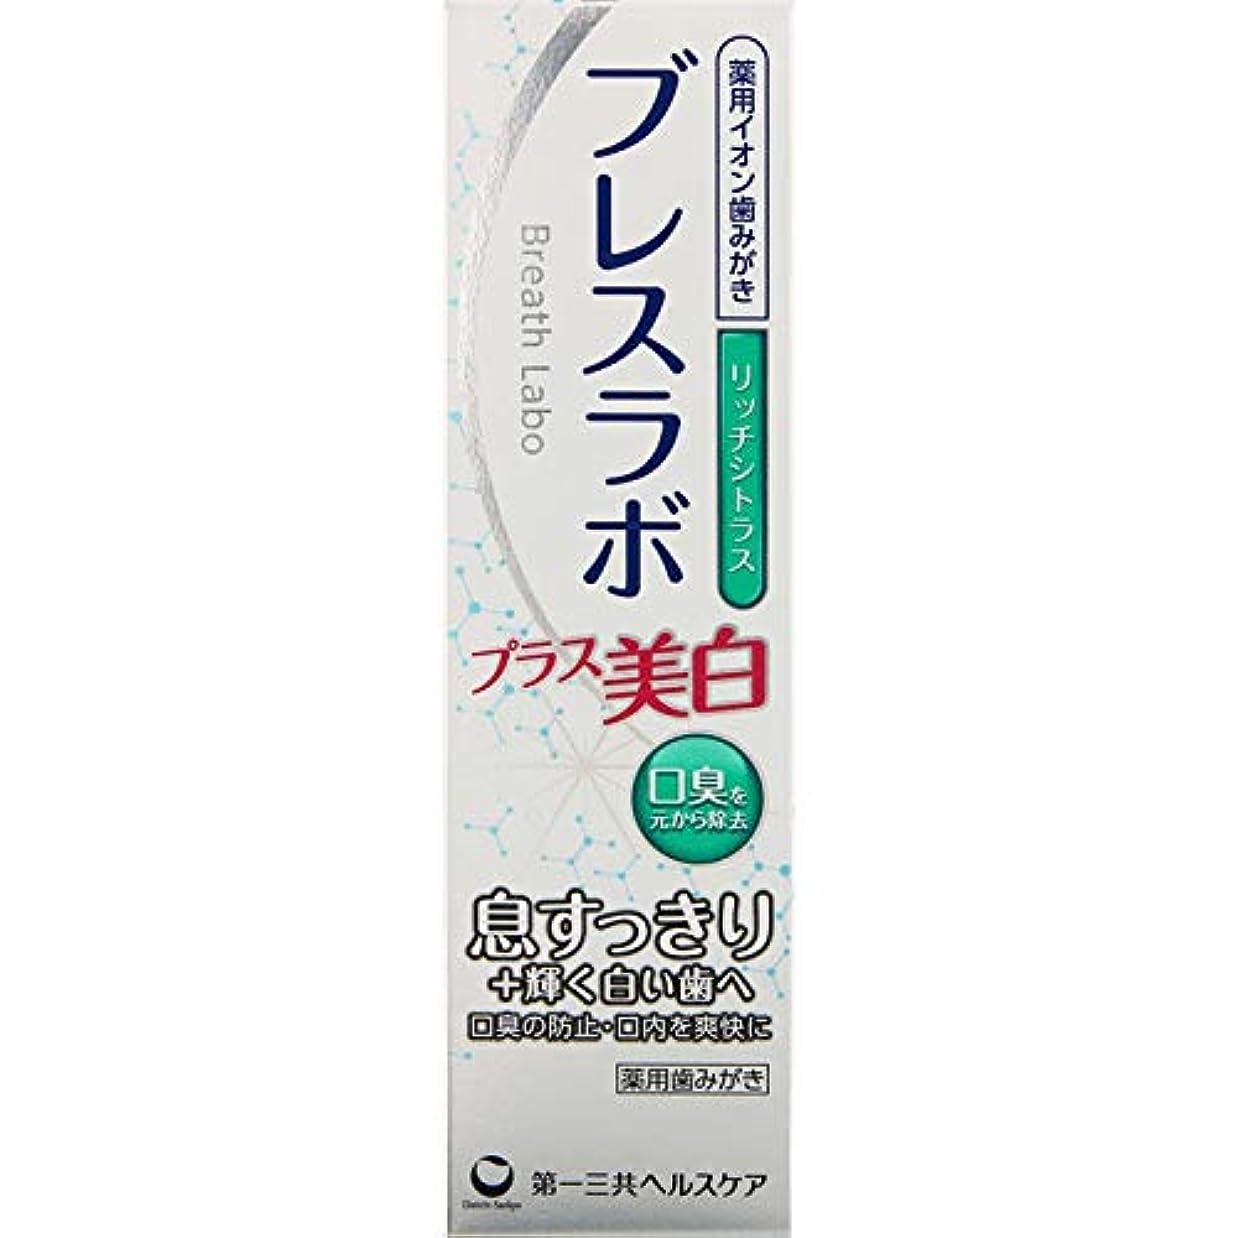 石膏突然のメインブレスラボ プラス美白 リッチシトラス 90g